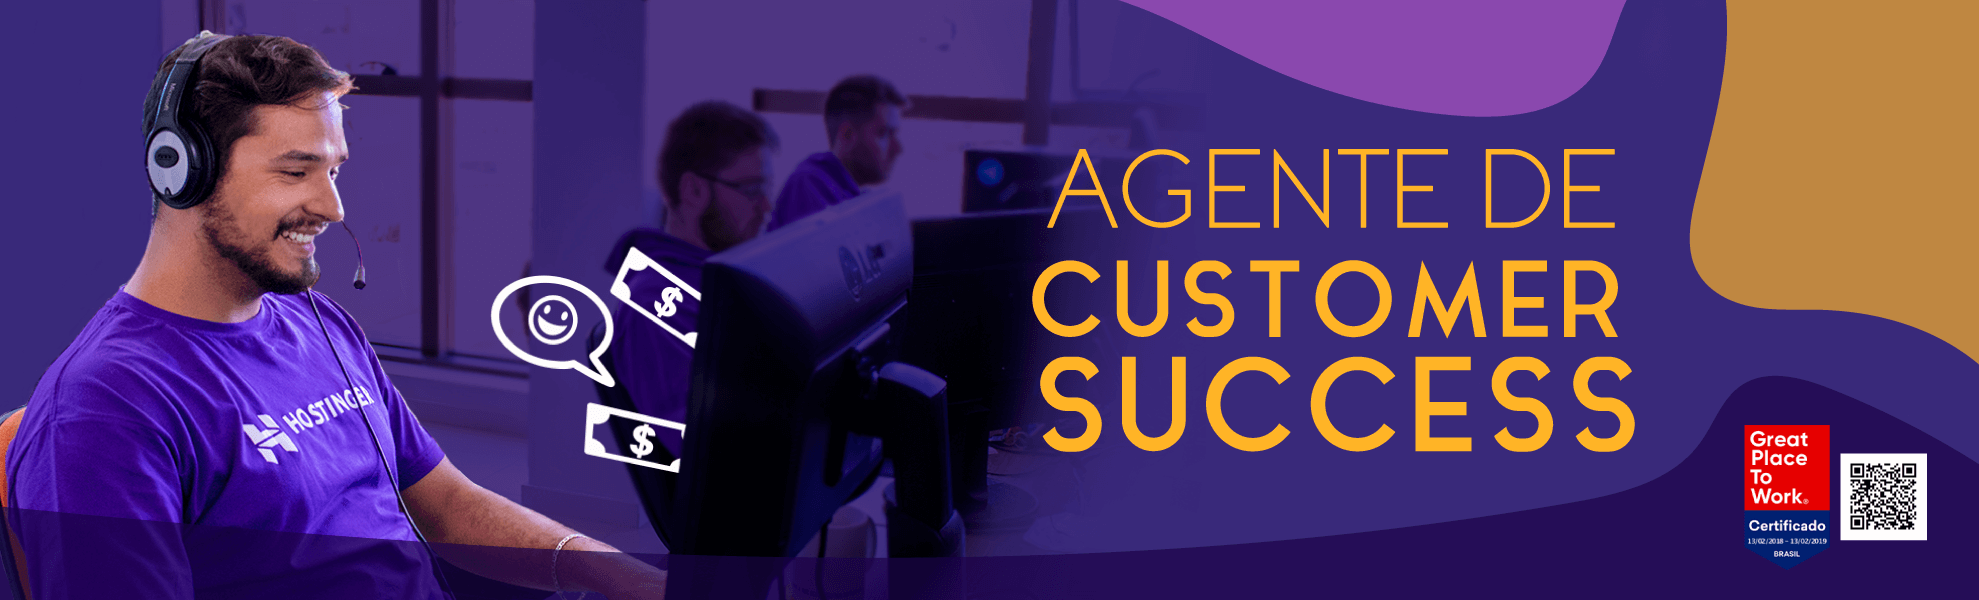 Agente de Customer Success